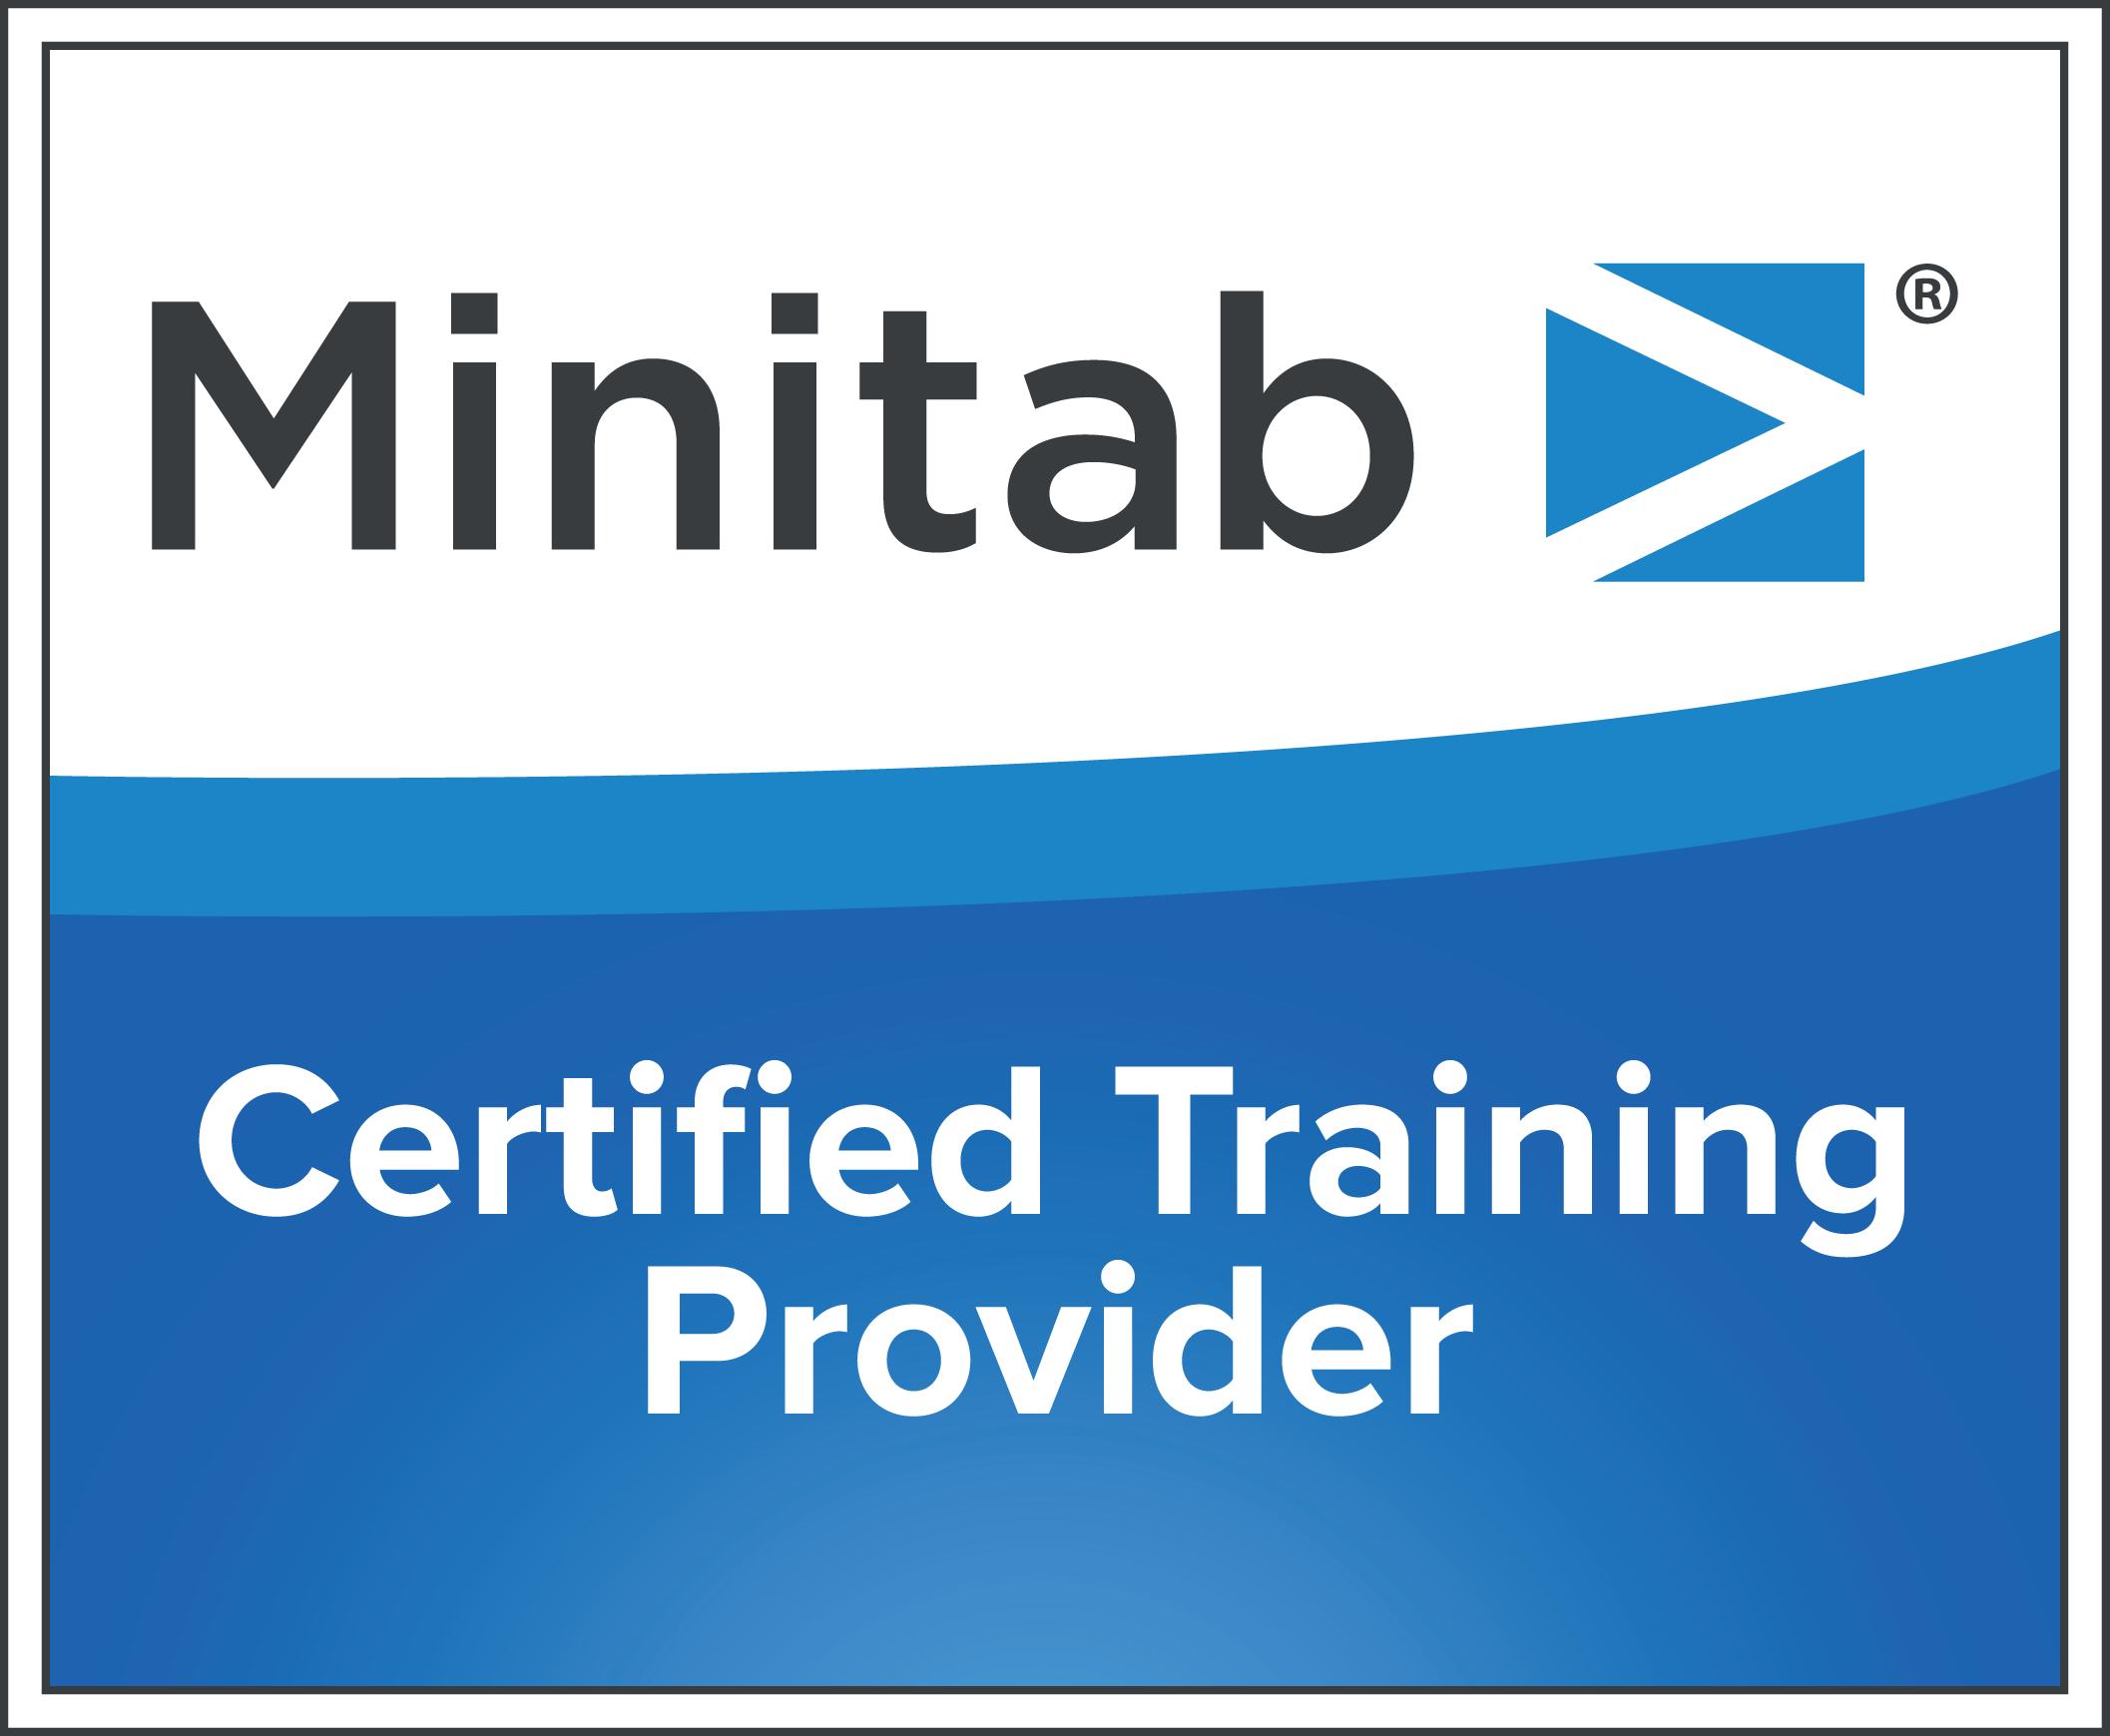 Minitab-Certified-Training-Provider-Logo MINITAB